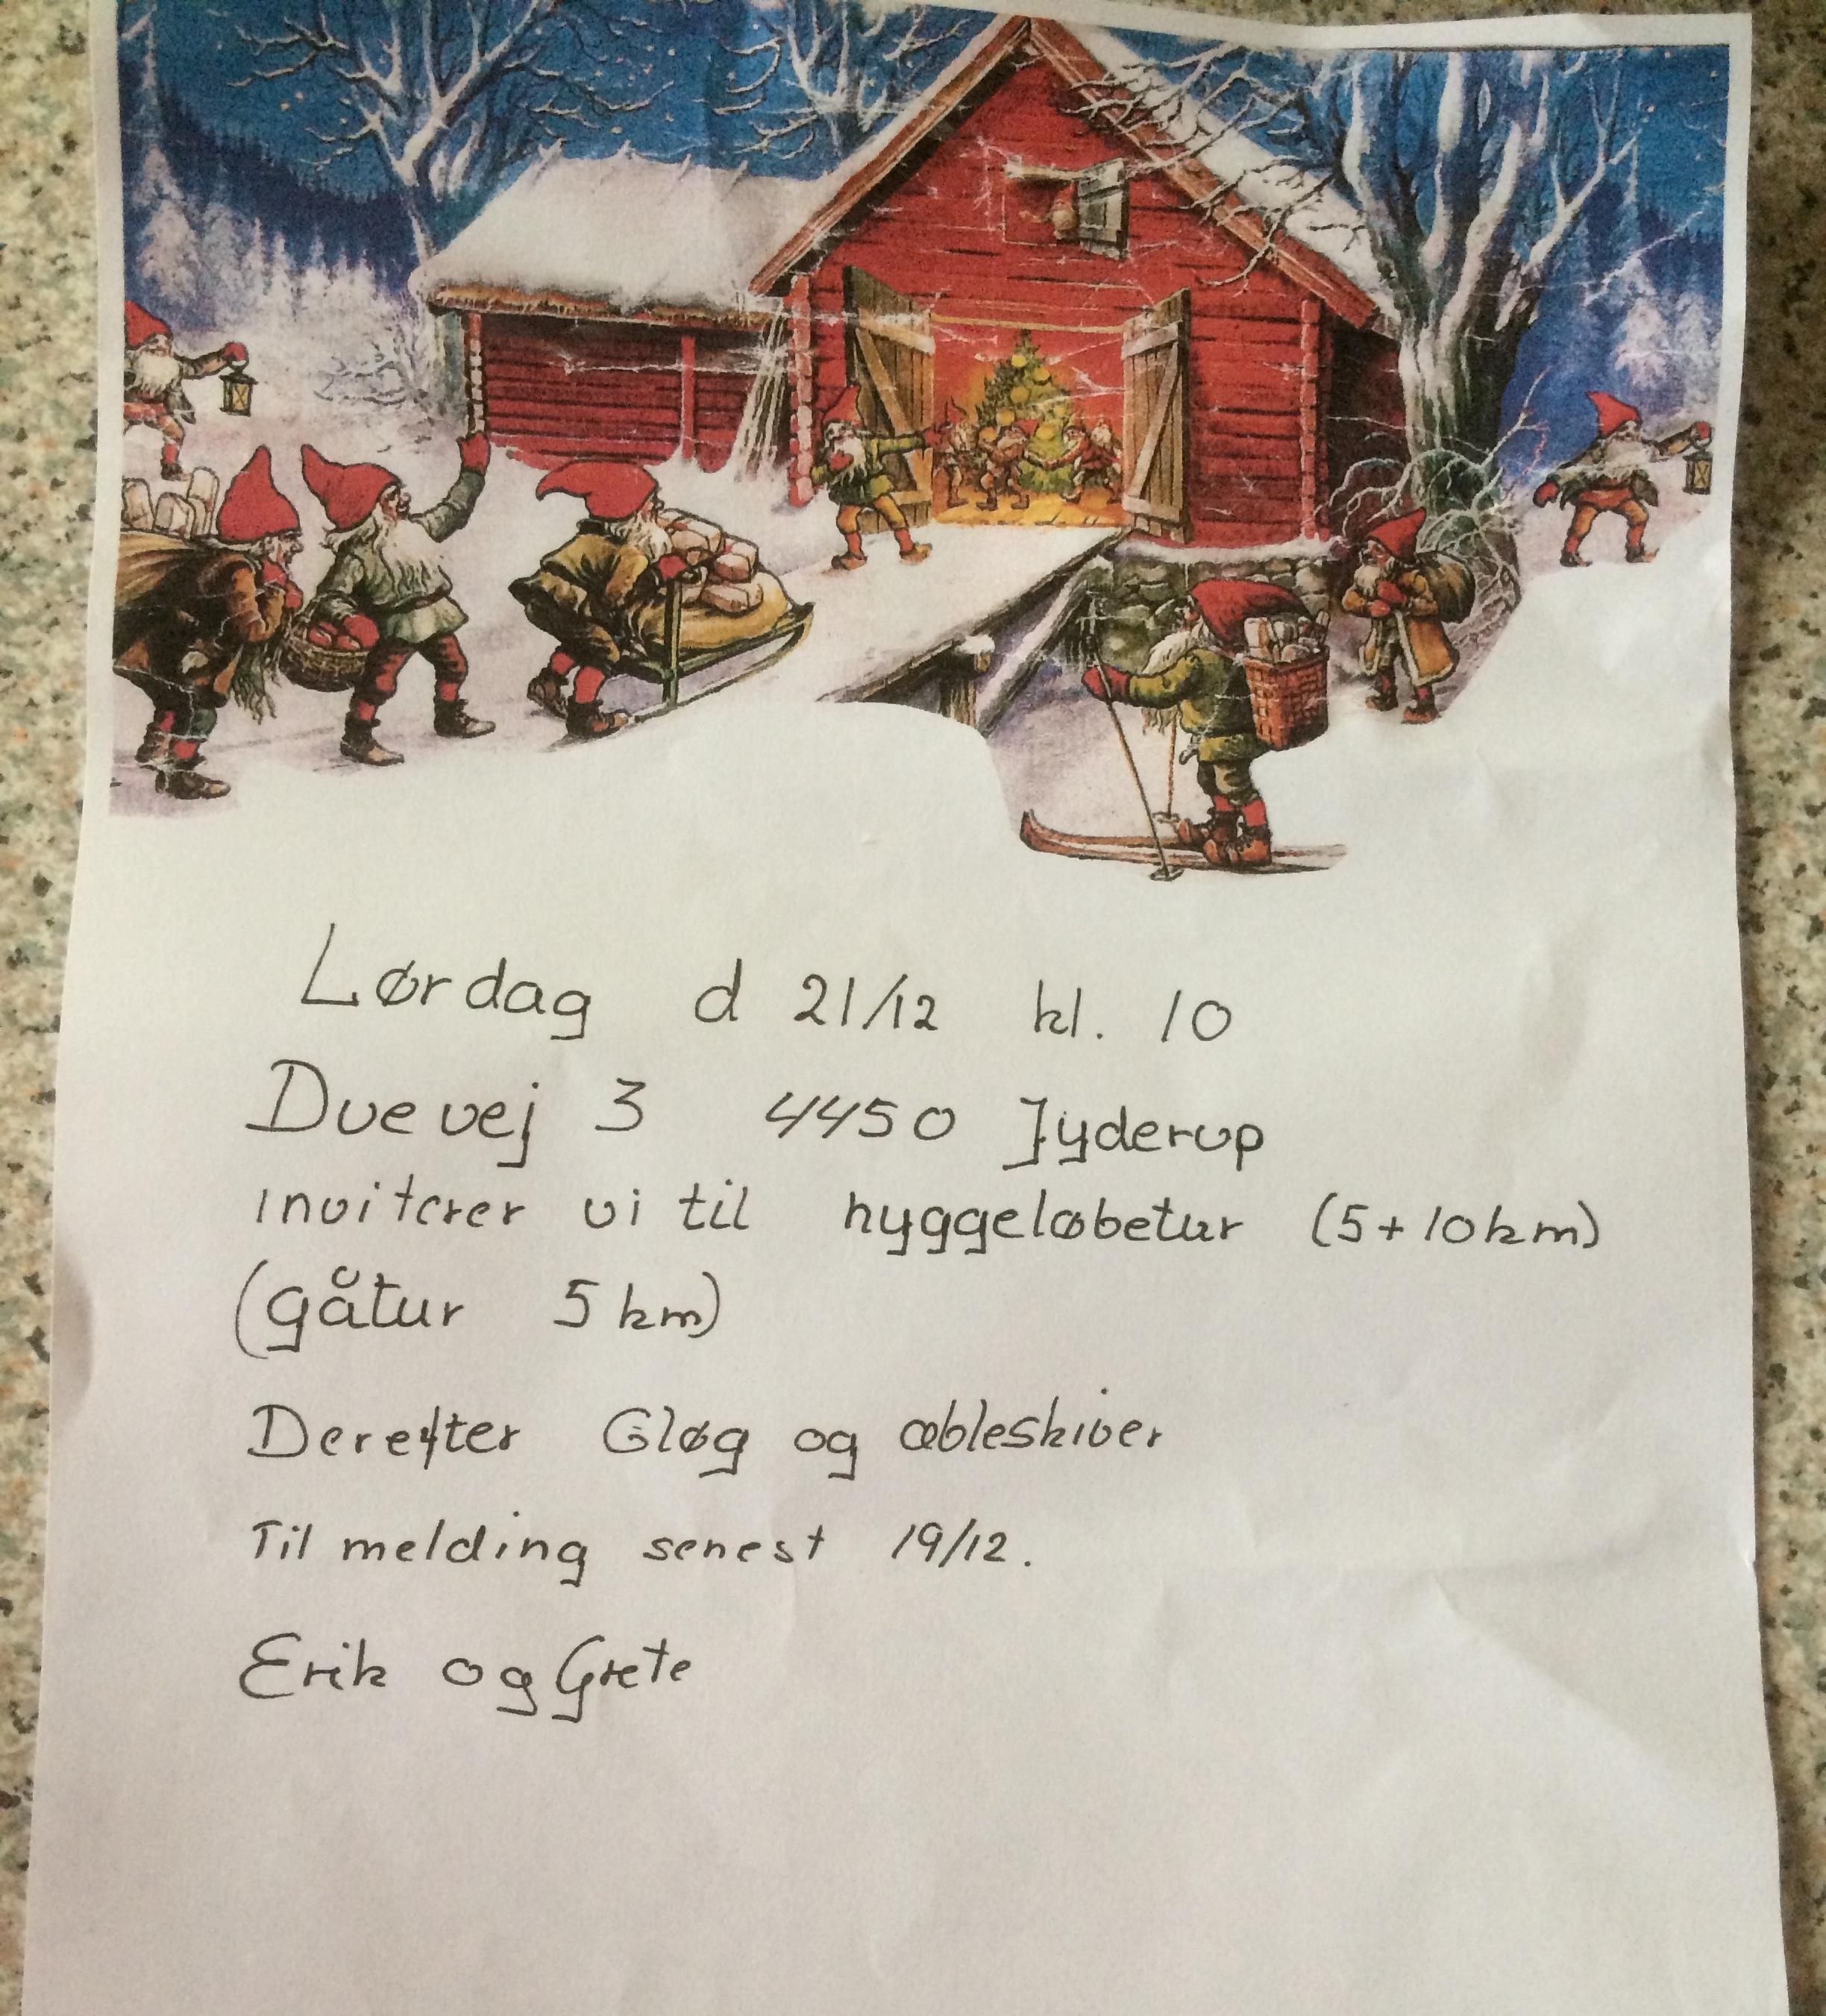 Jule-Hyggeløb I Jyderup 21-12